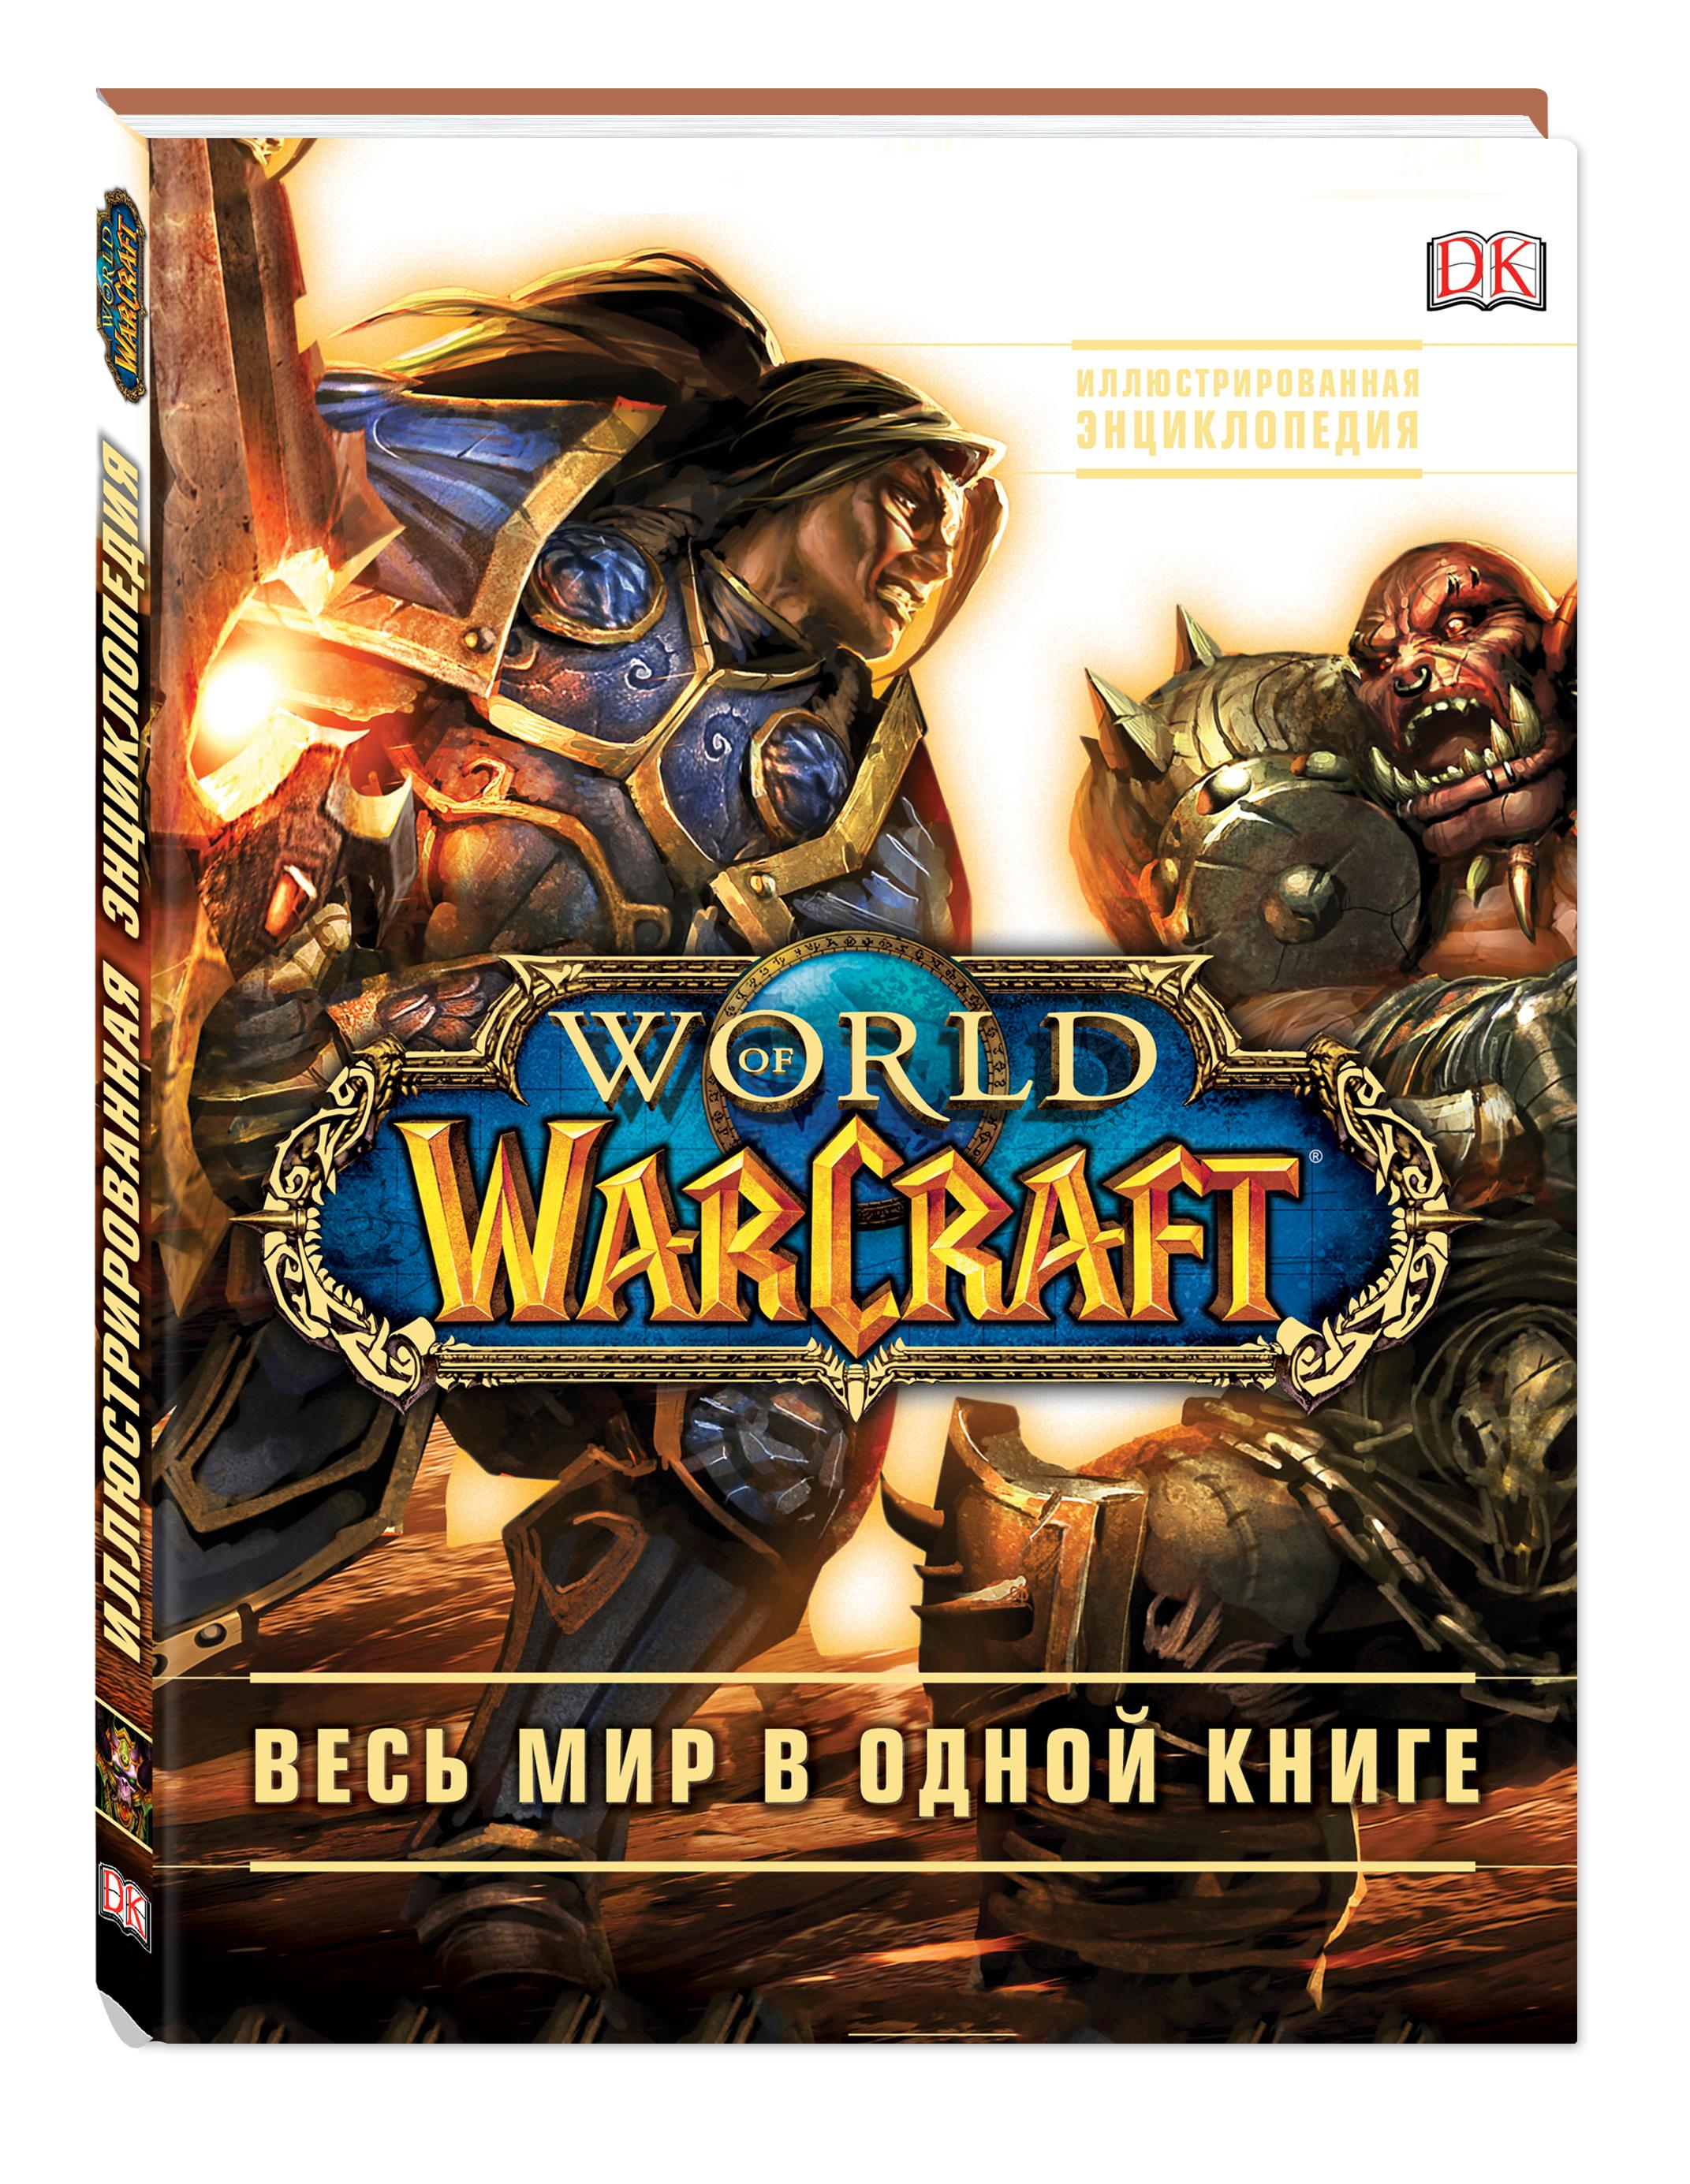 Кейтлин Плит, Энн Стикни World of Warcraft. Полная иллюстрированная энциклопедия кейтлин плит энн стикни world of warcraft полная иллюстрированная энциклопедия